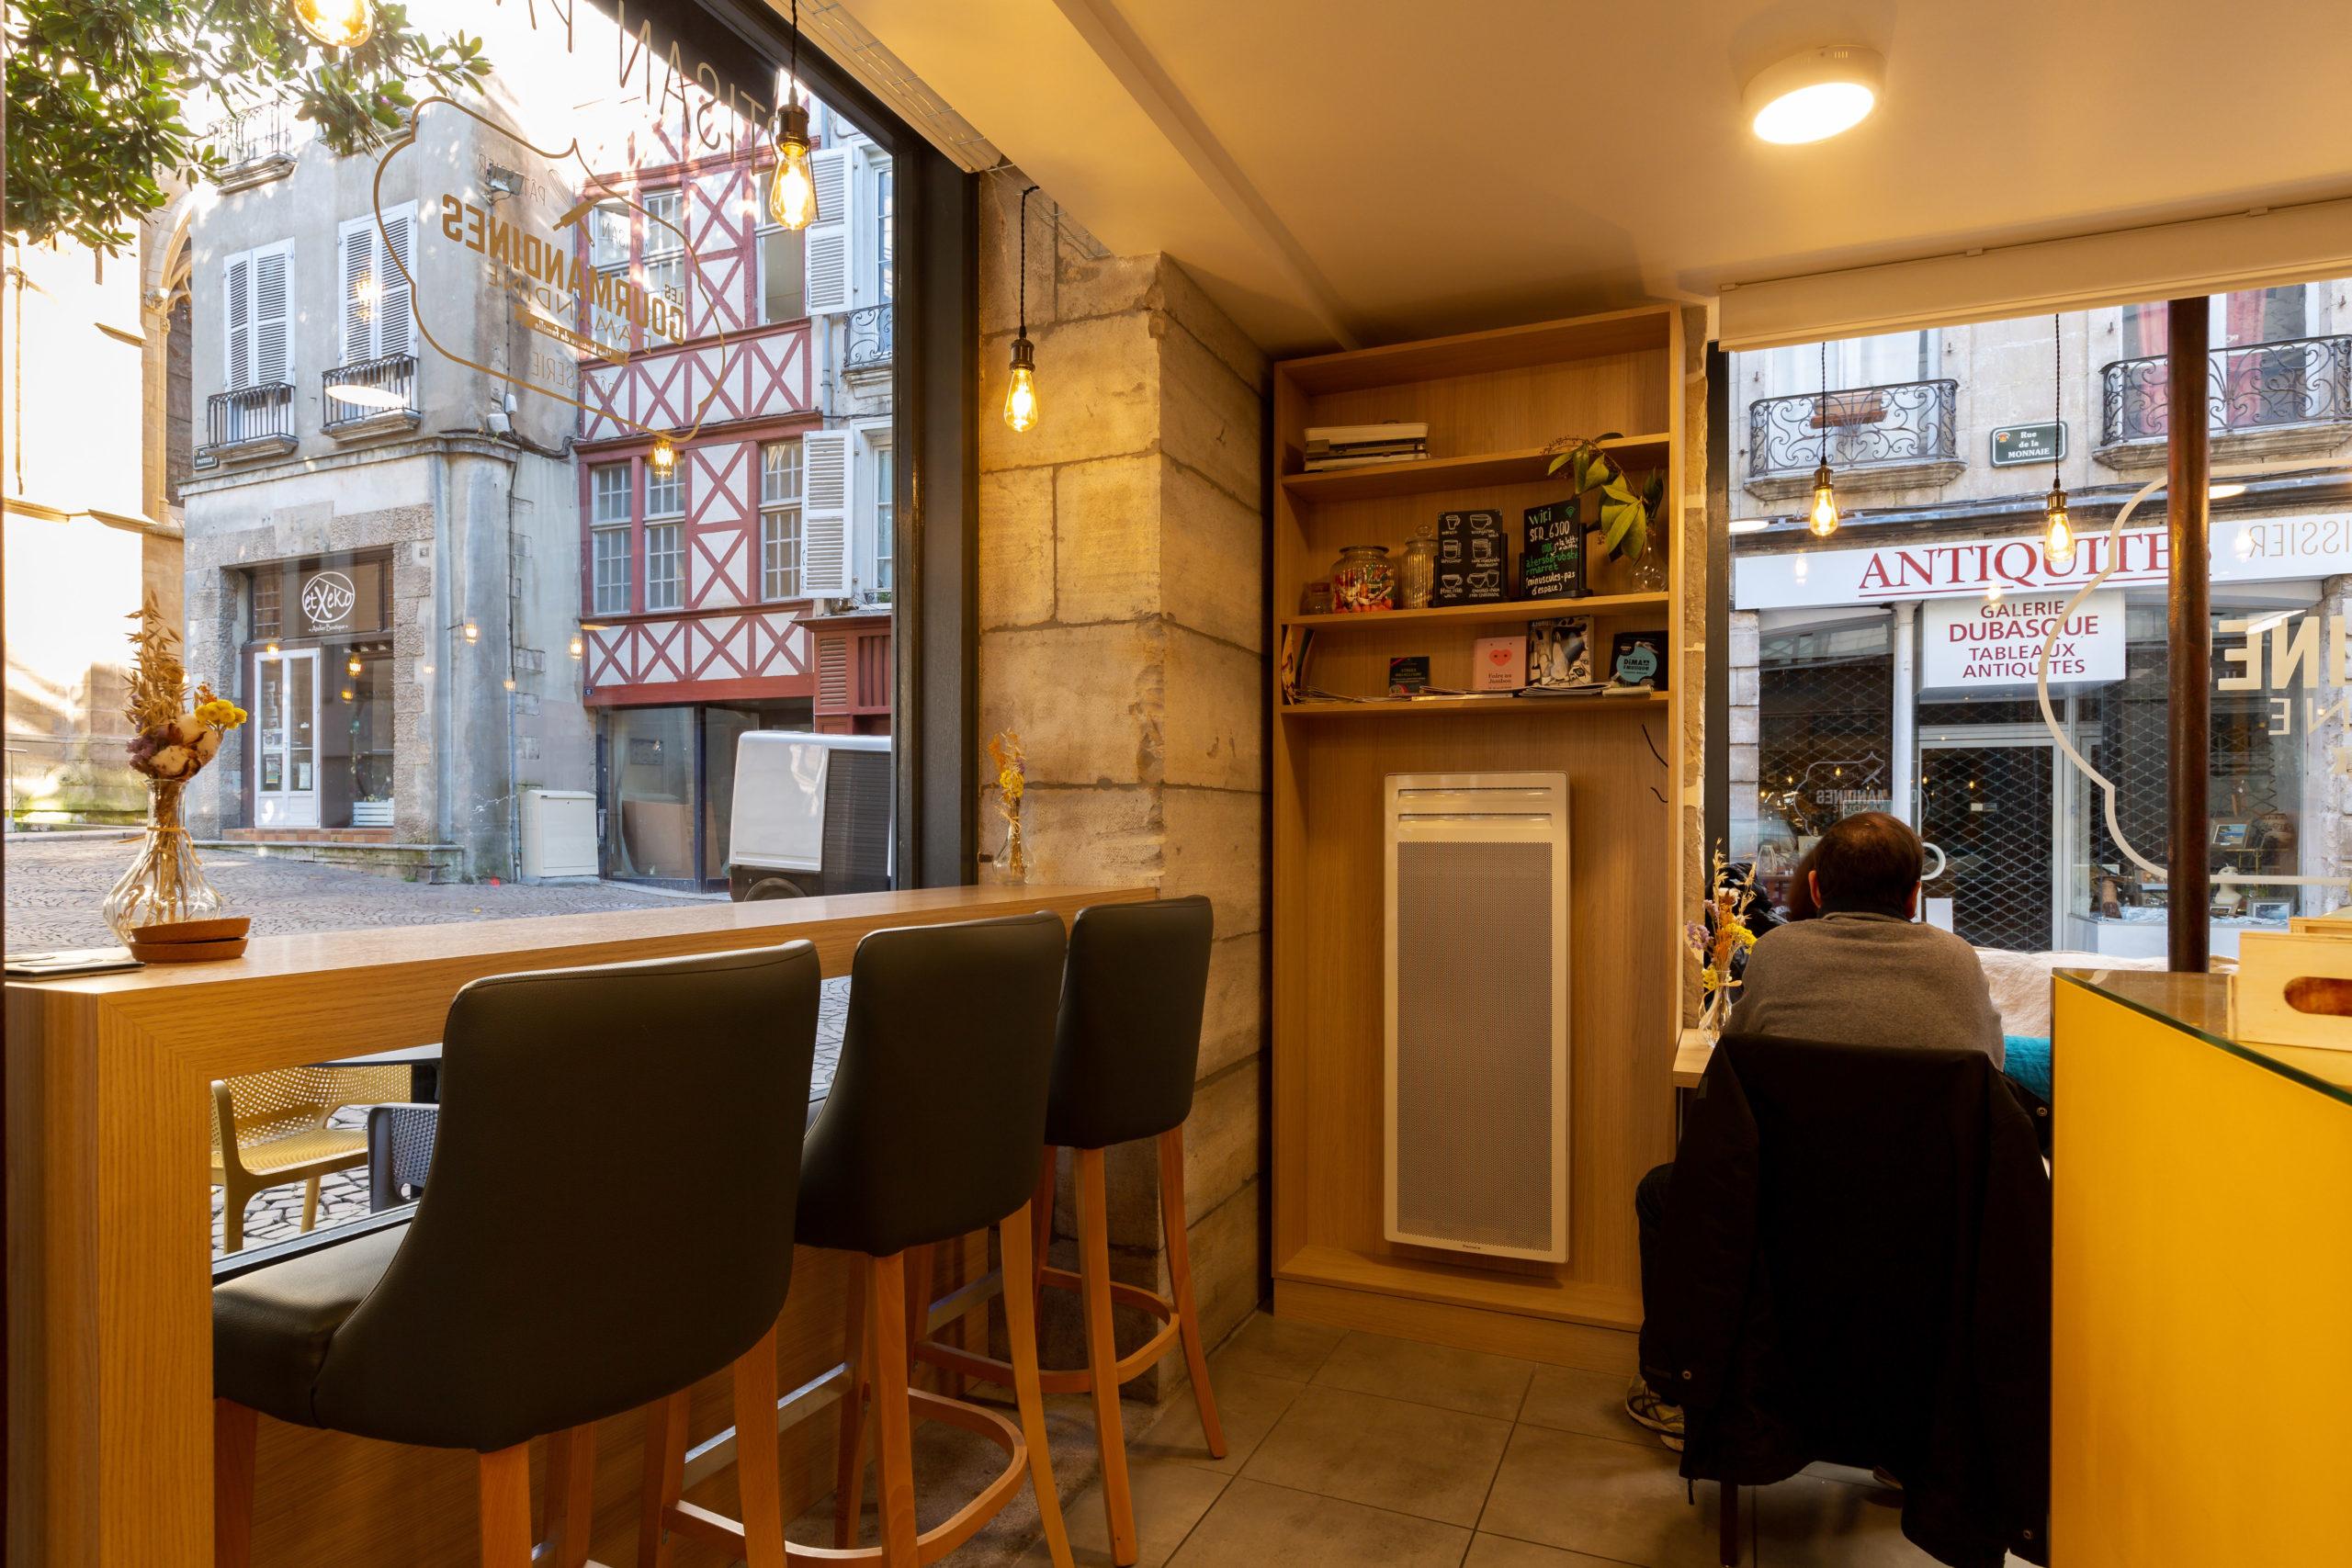 Atelier-Plurielles-Architectures-Aménagement-patisserie-Bayonne- table